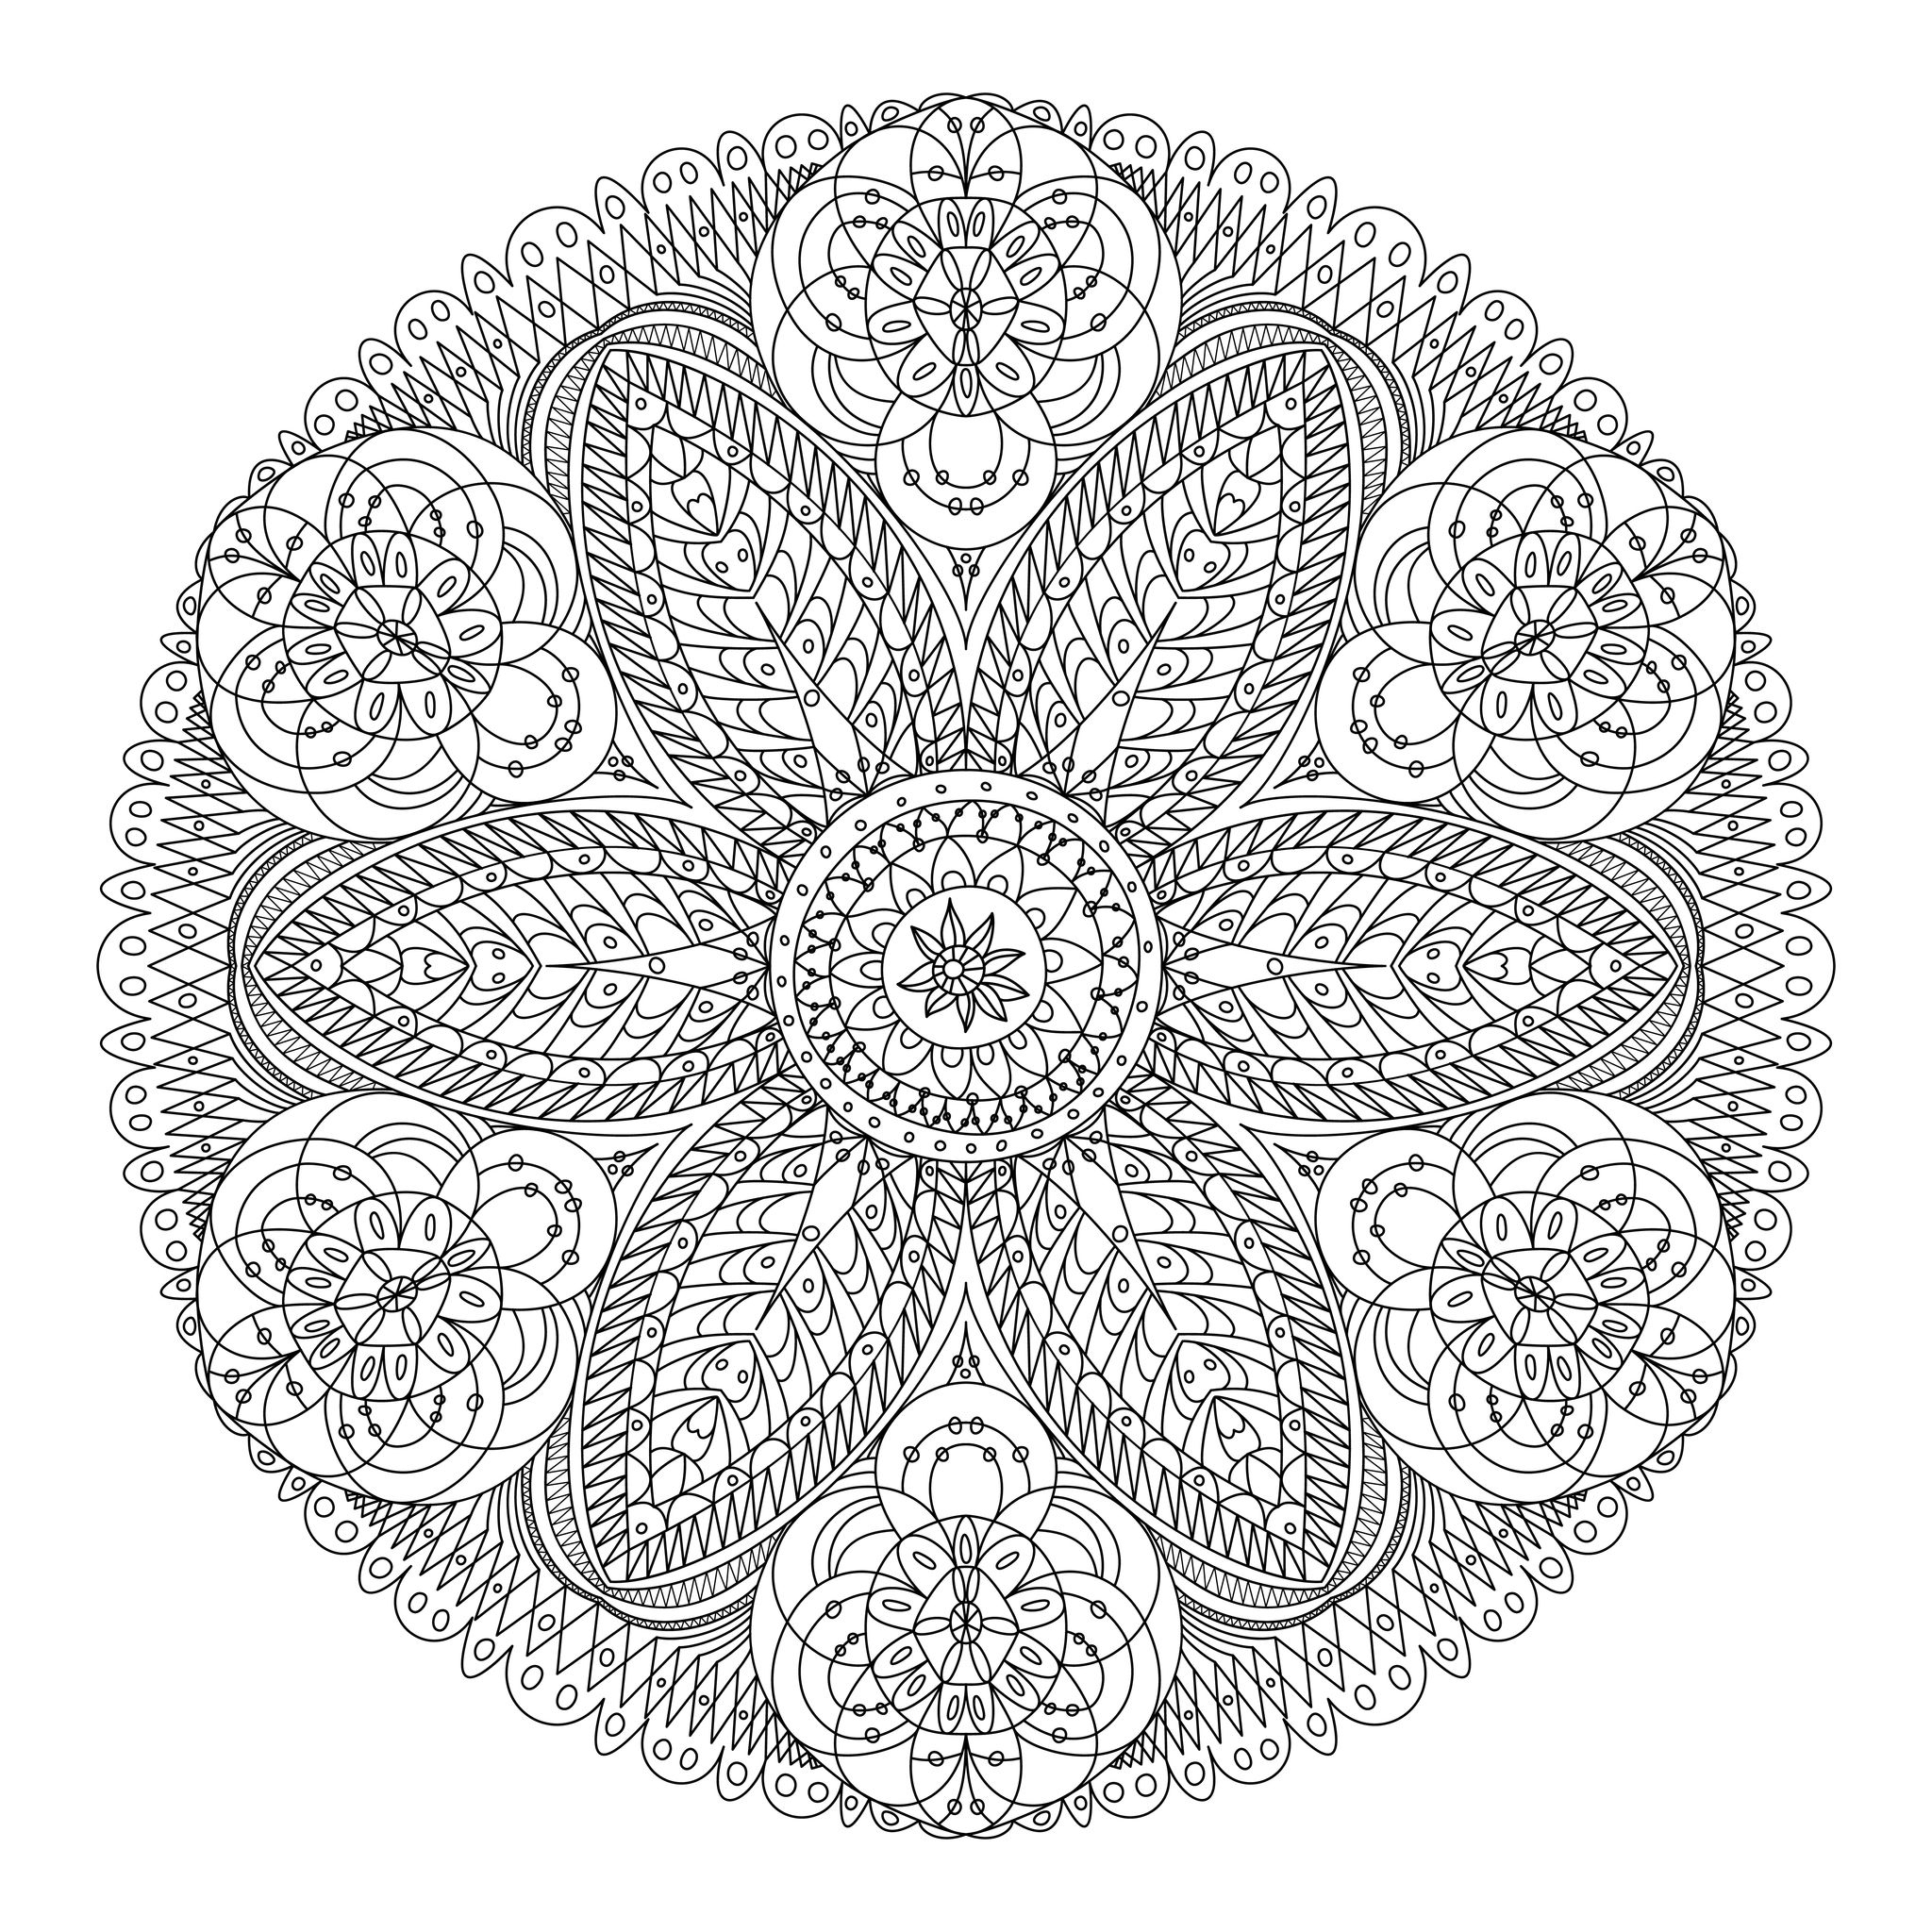 Coloriage204: Coloriage Mandala Adulte encequiconcerne Coloriage Adultes À Imprimer